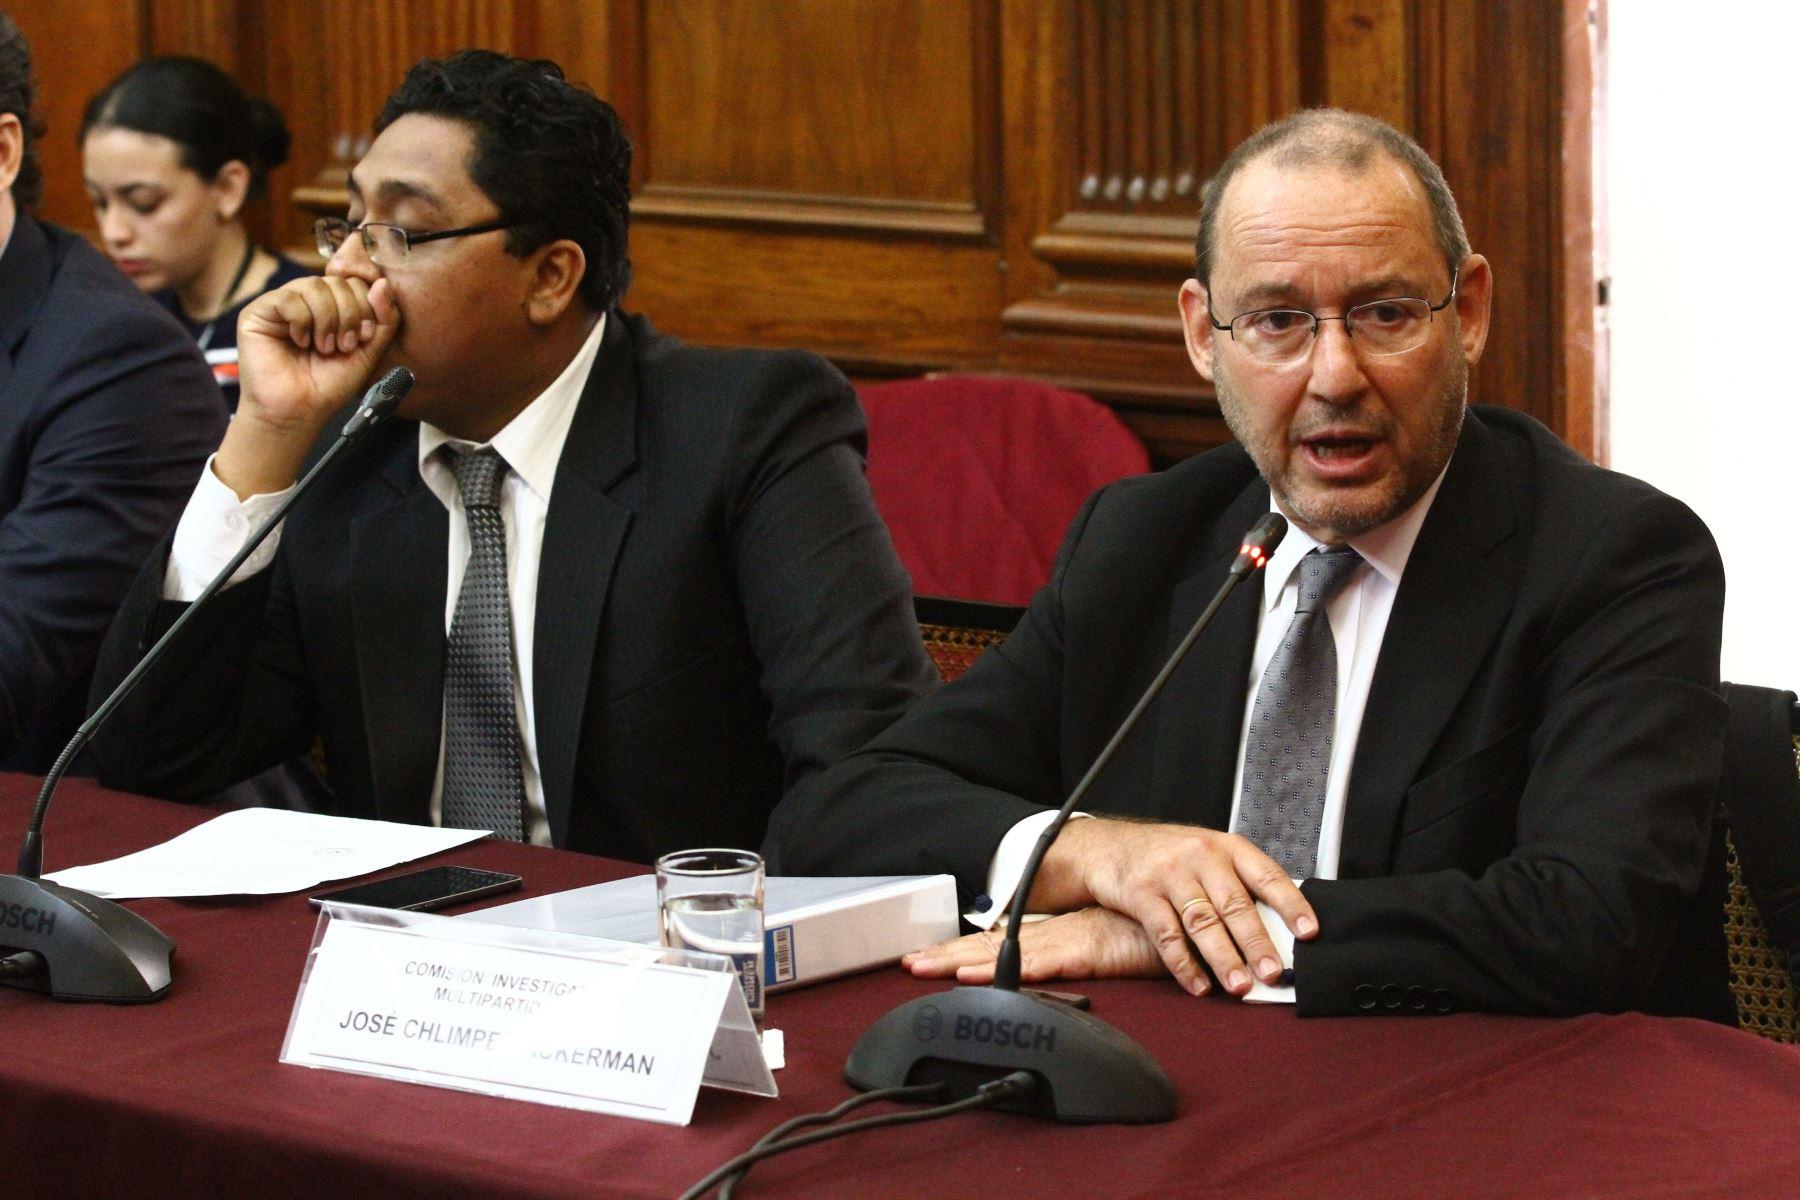 José Chlimper responde ante Comisión Lava Jato por caso Odebrecht